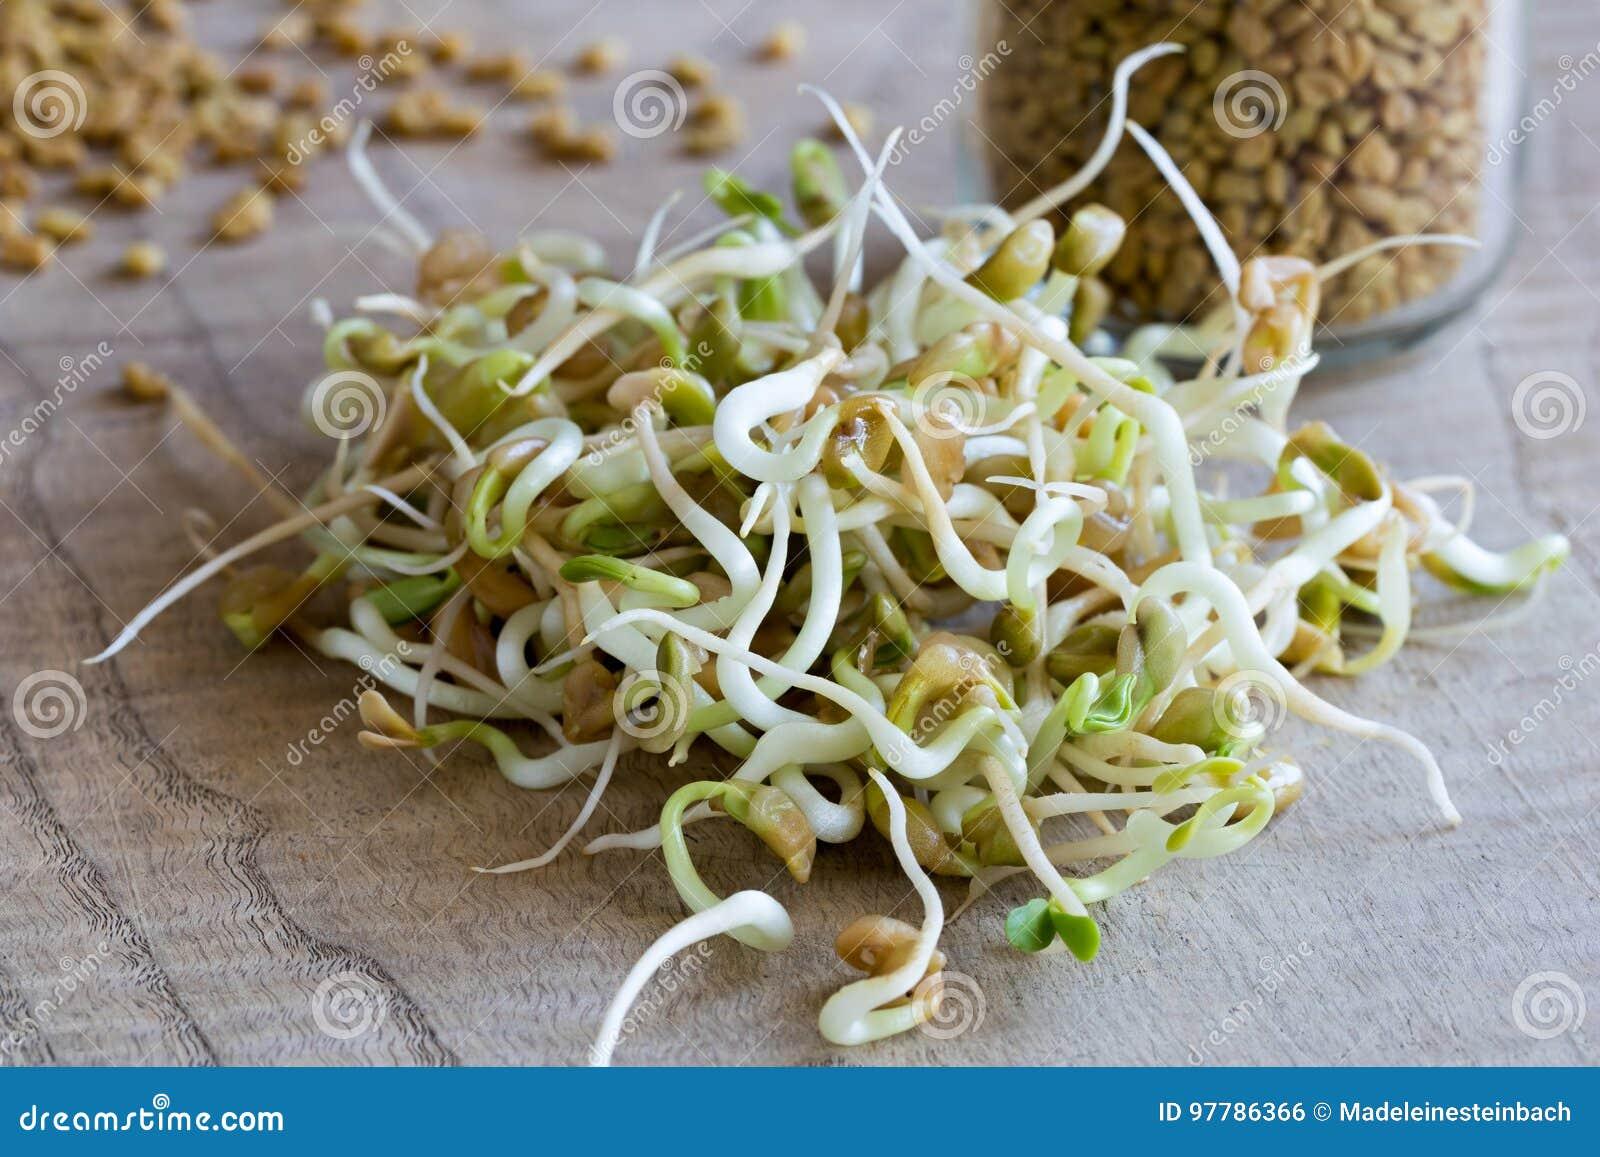 发芽的葫芦巴,与干燥胡芦巴籽在背景中